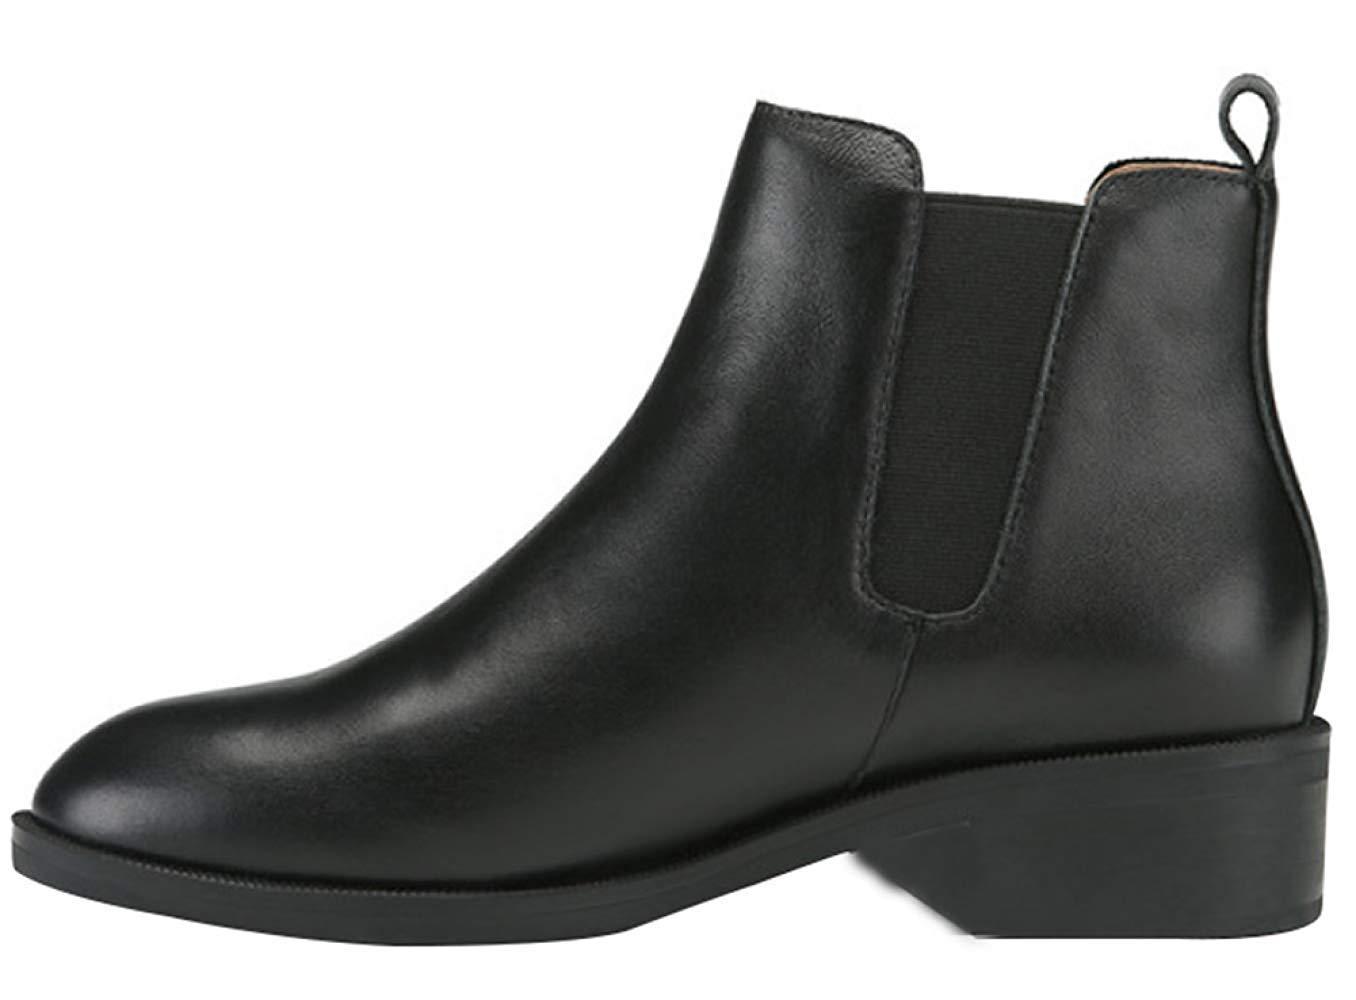 HhGold Damen Rundkopf Flat Flat Flat Mit Martin Stiefel Classic schwarz Fashion Leder Stiefeletten (Farbe   Schwarz 2, Größe   36EU) 8cd3c7